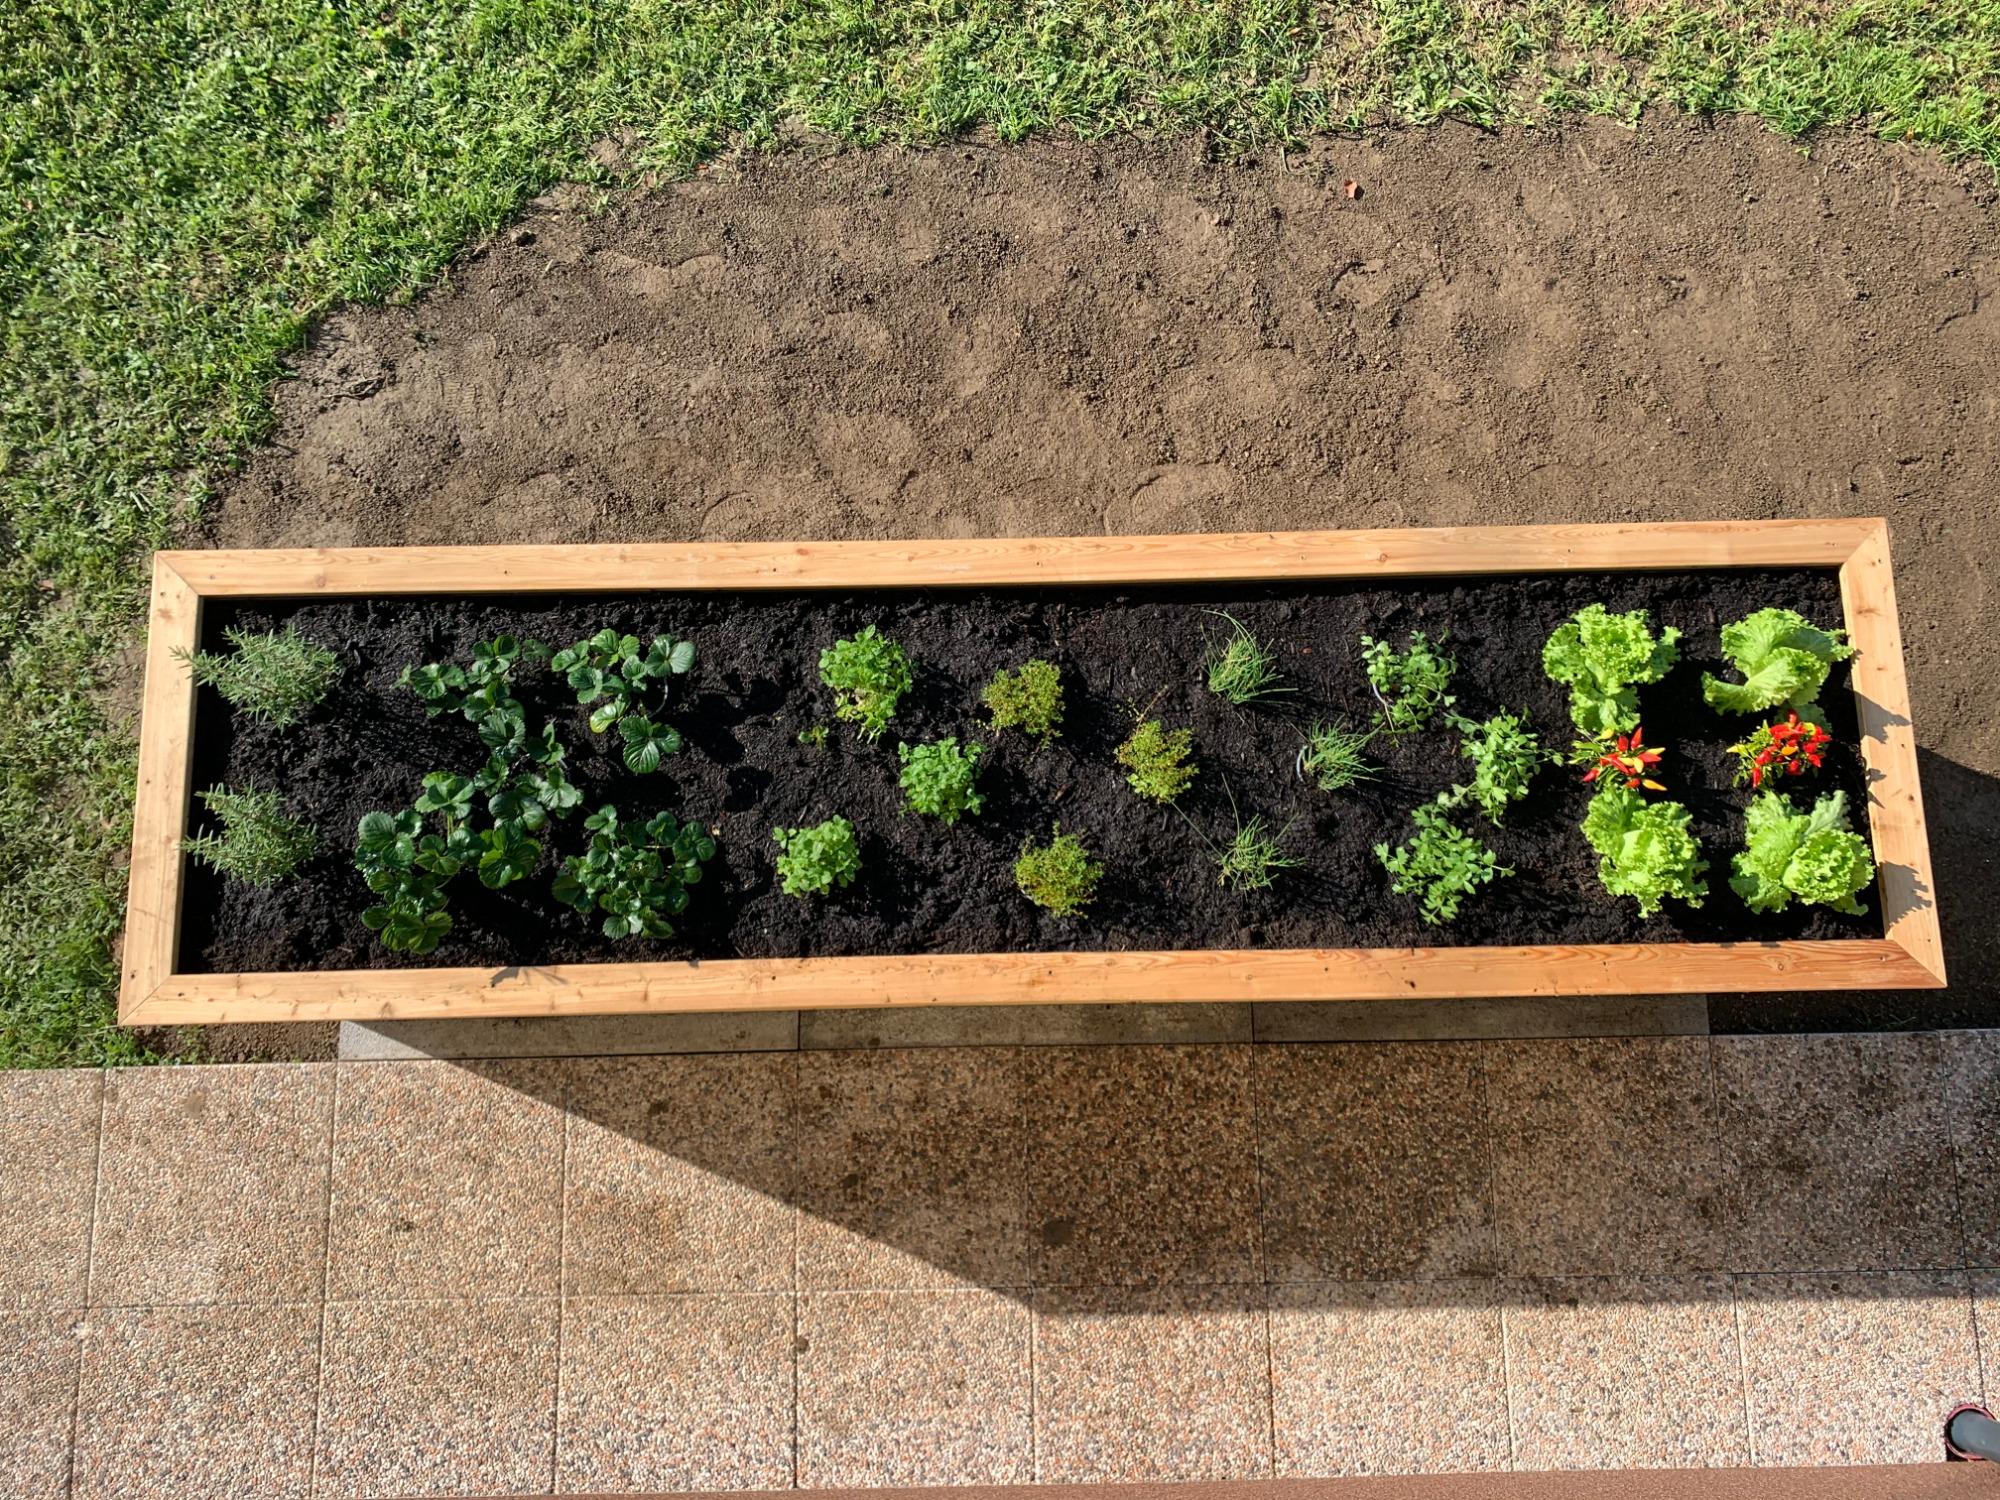 visoke_grede_expert_naravno_vrtnarjenje_2.jpg